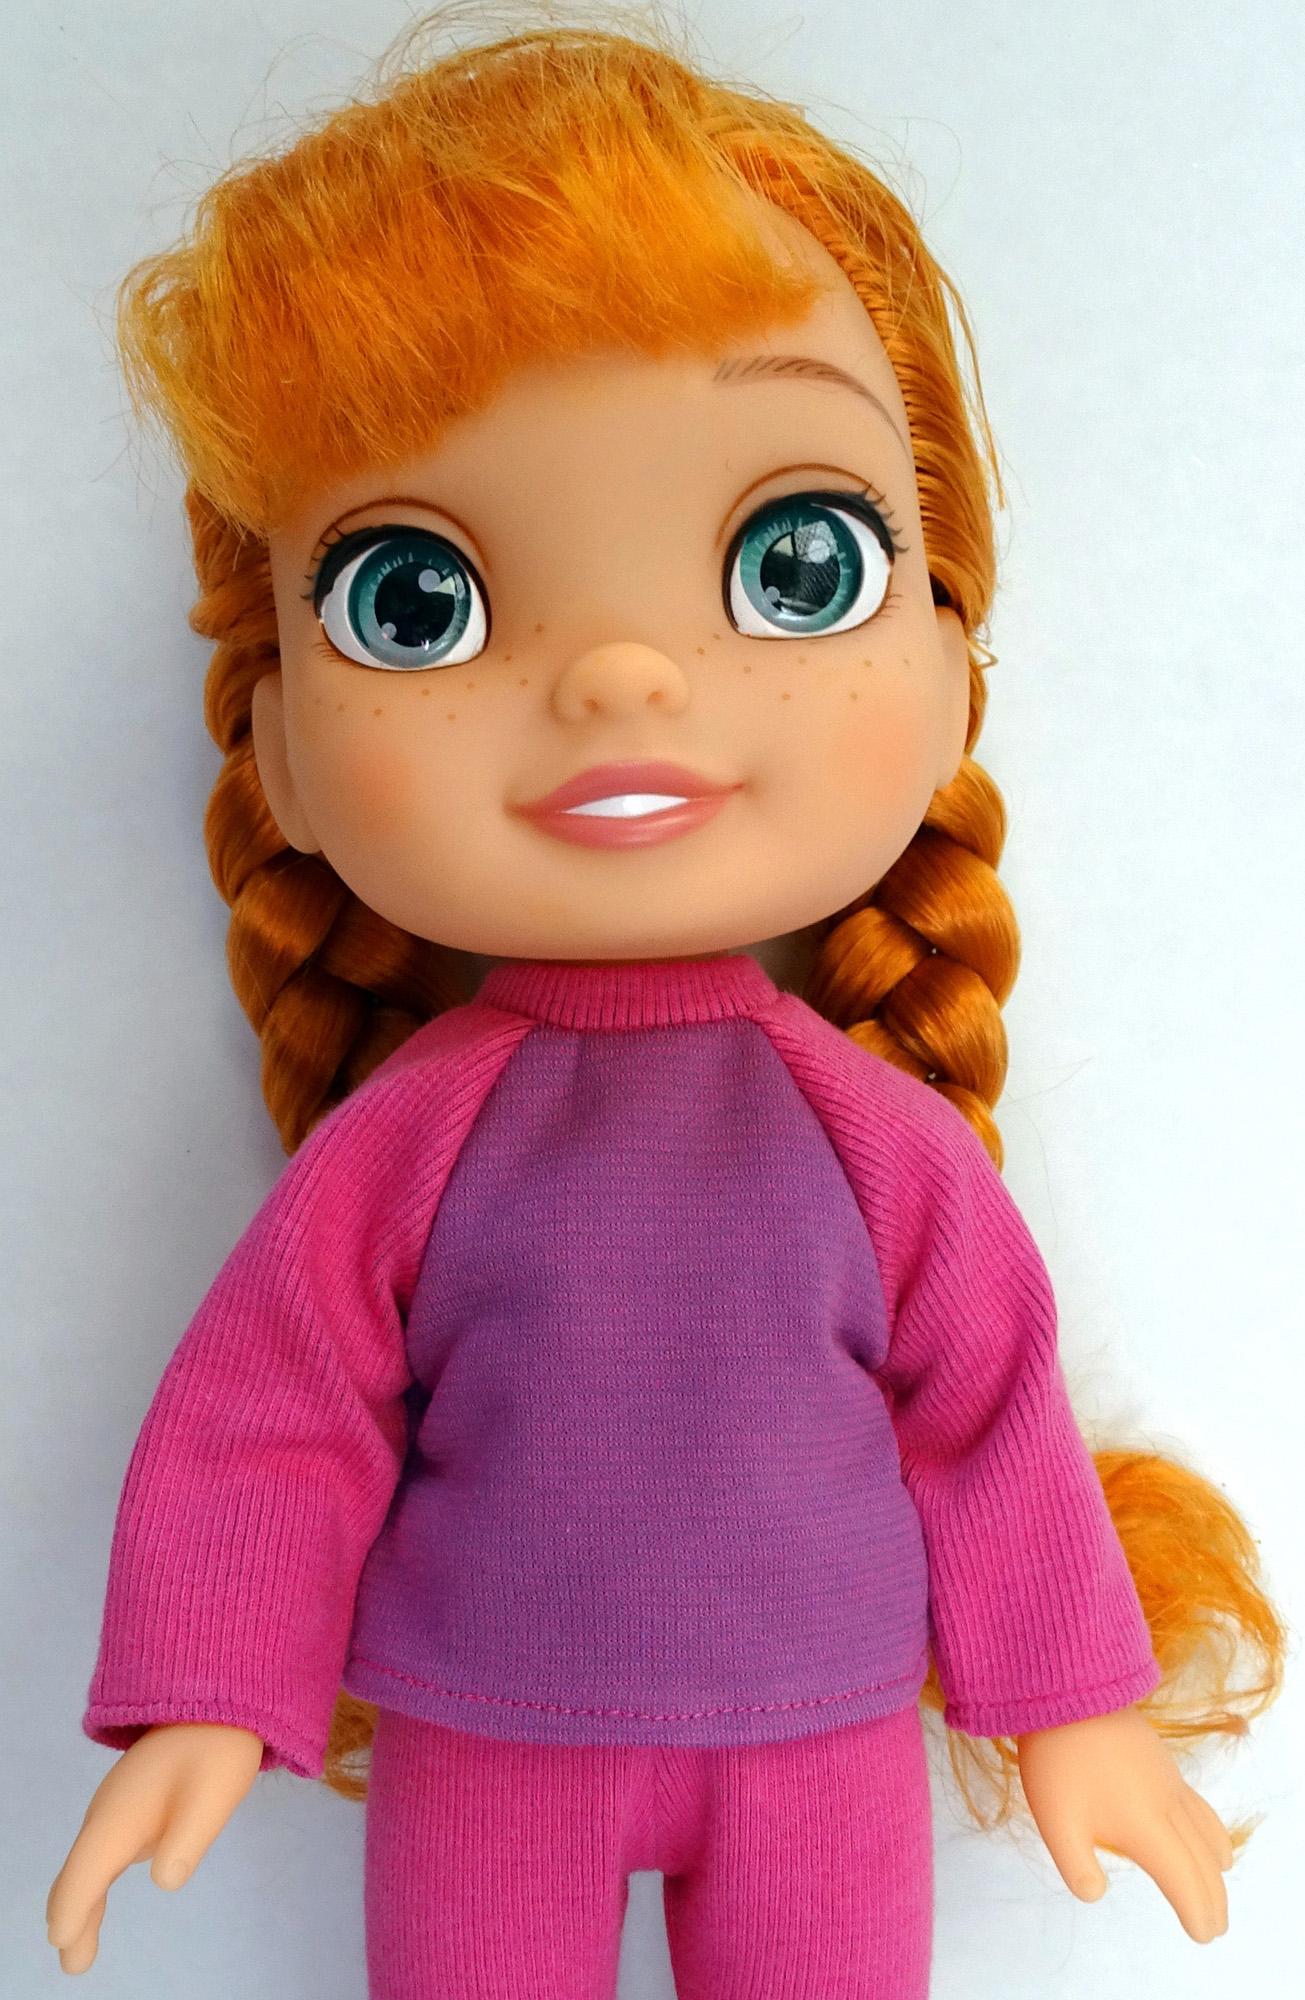 t-shirt pattern Disney Toddler Doll